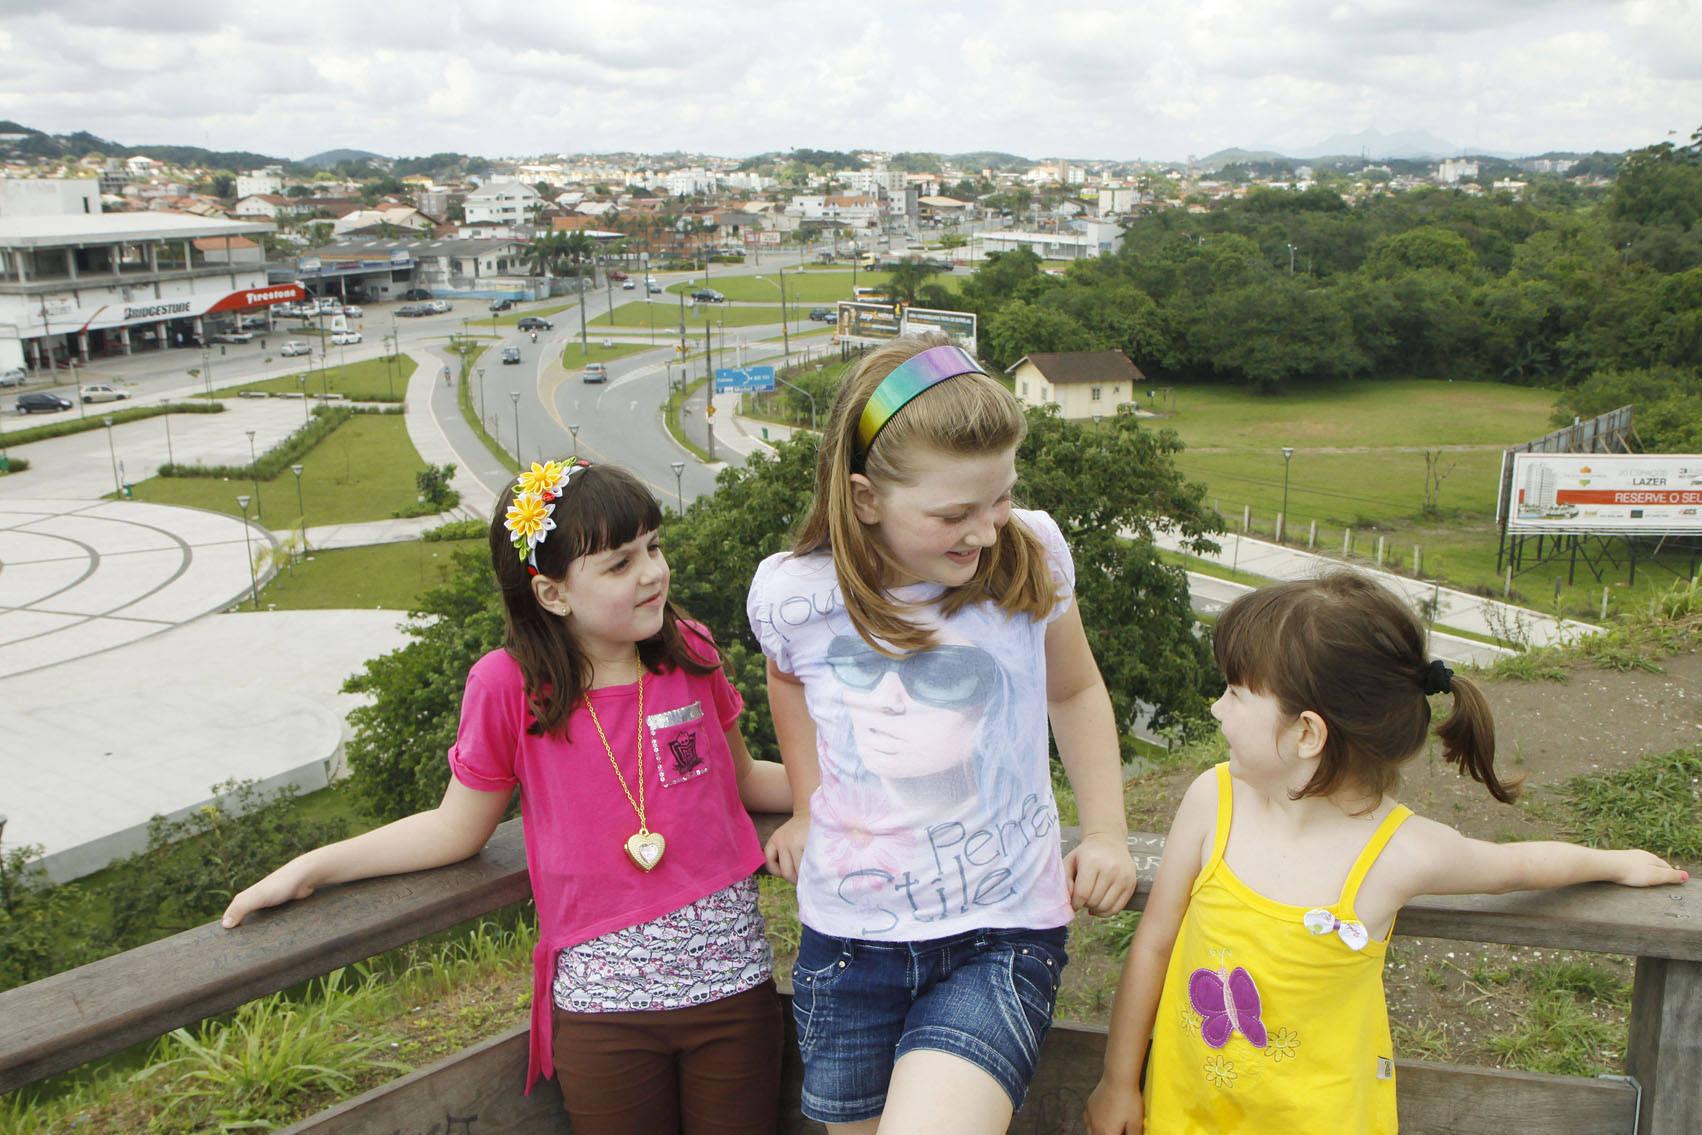 Sugestões para se divertir no feriado do Dia do Trabalhador em Joinville